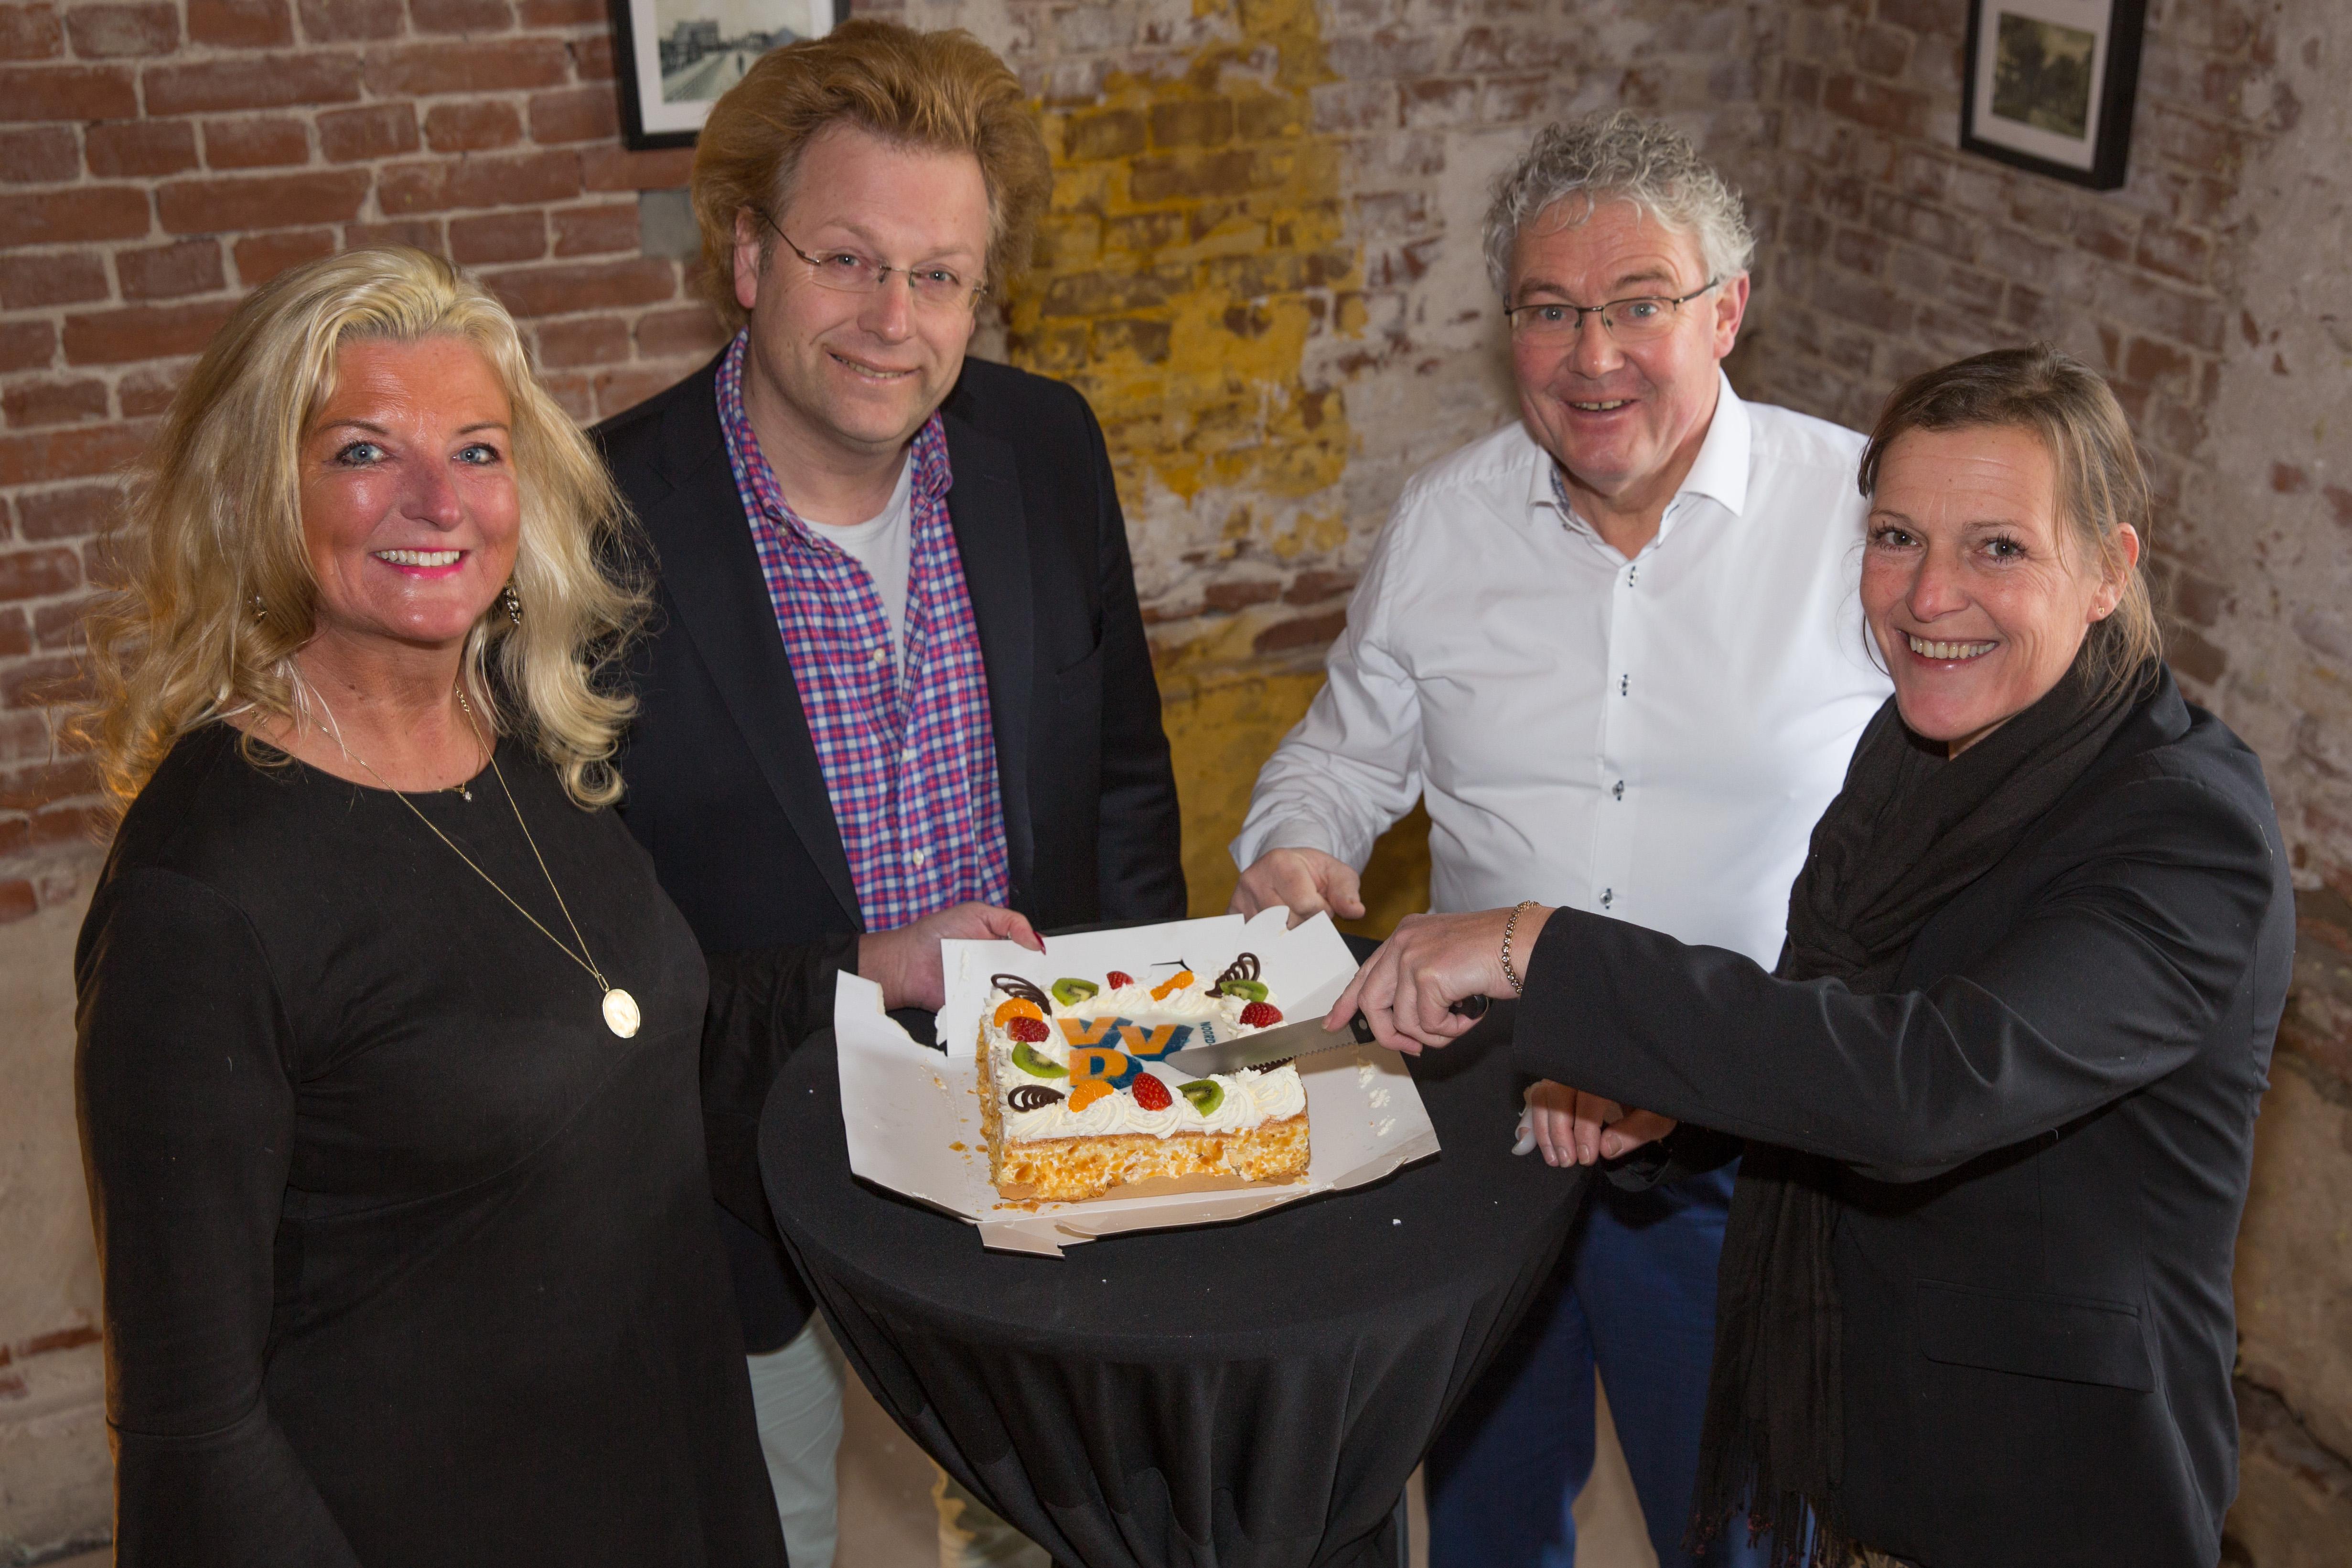 VVD vertegenwoordigers overhandigen de taart aan Alies de Lange (rechts). (Foto: Vincent de Vries)